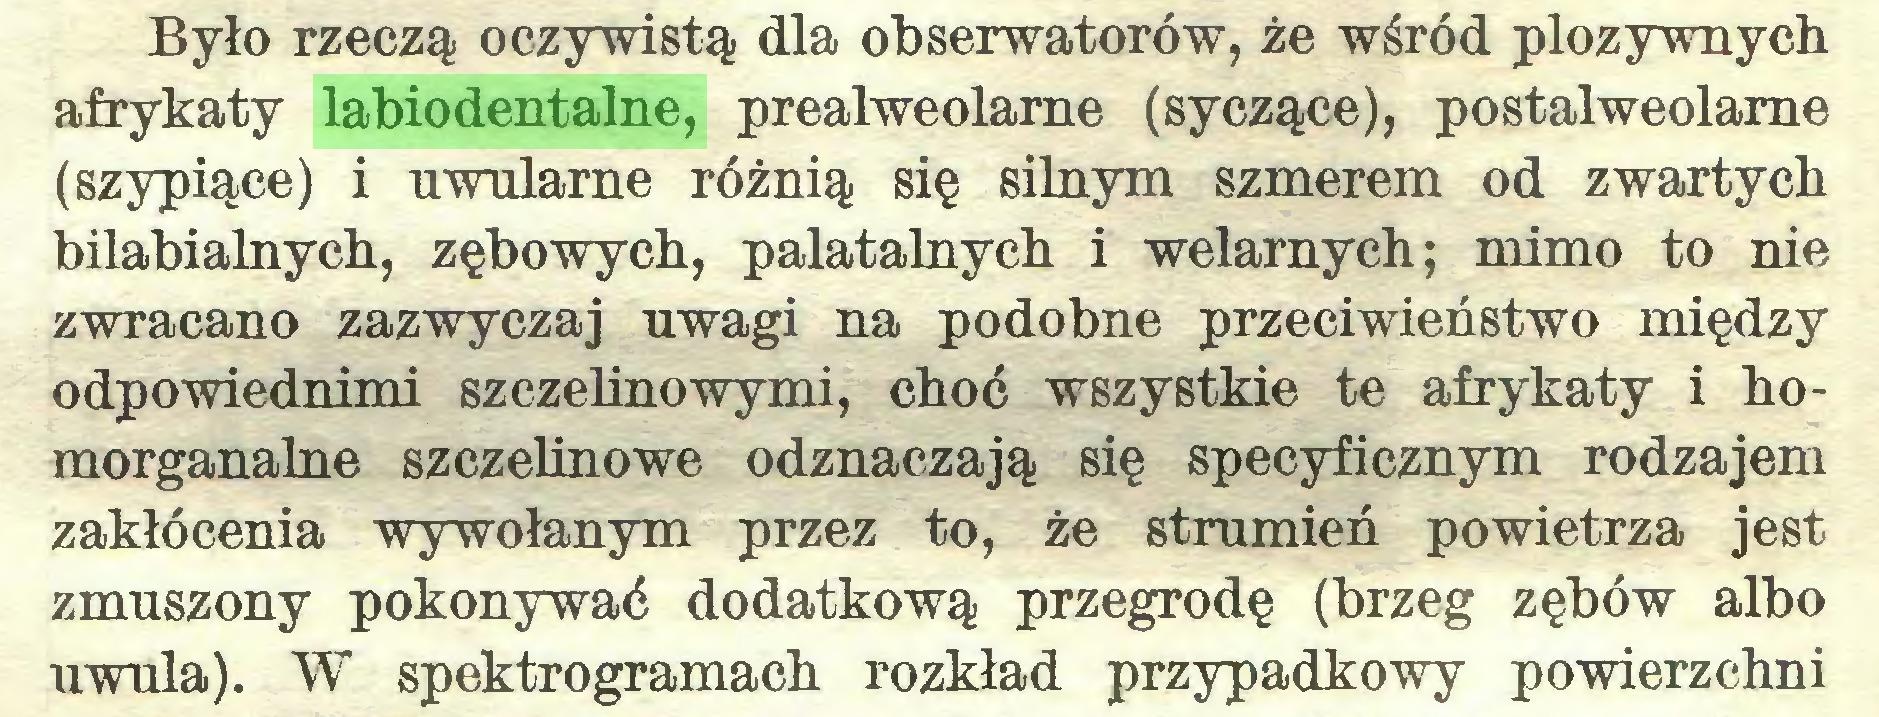 (...) Było rzeczą oczywistą dla obserwatorów, że wśród plozywnych afrykaty labiodentalne, prealweolarne (syczące), postalweolame (szypiące) i uwularne różnią się silnym szmerem od zwartych bilabialnych, zębowych, palatalnych i welarnych; mimo to nie zwracano zazwyczaj uwagi na podobne przeciwieństwo między odpowiednimi szczelinowymi, choć wszystkie te afrykaty i homorganalne szczelinowe odznaczają się specyficznym rodzajem zakłócenia wywołanym przez to, że strumień powietrza jest zmuszony pokonywać dodatkową przegrodę (brzeg zębów albo uwula). W spektrogramach rozkład przypadkowy powierzchni...